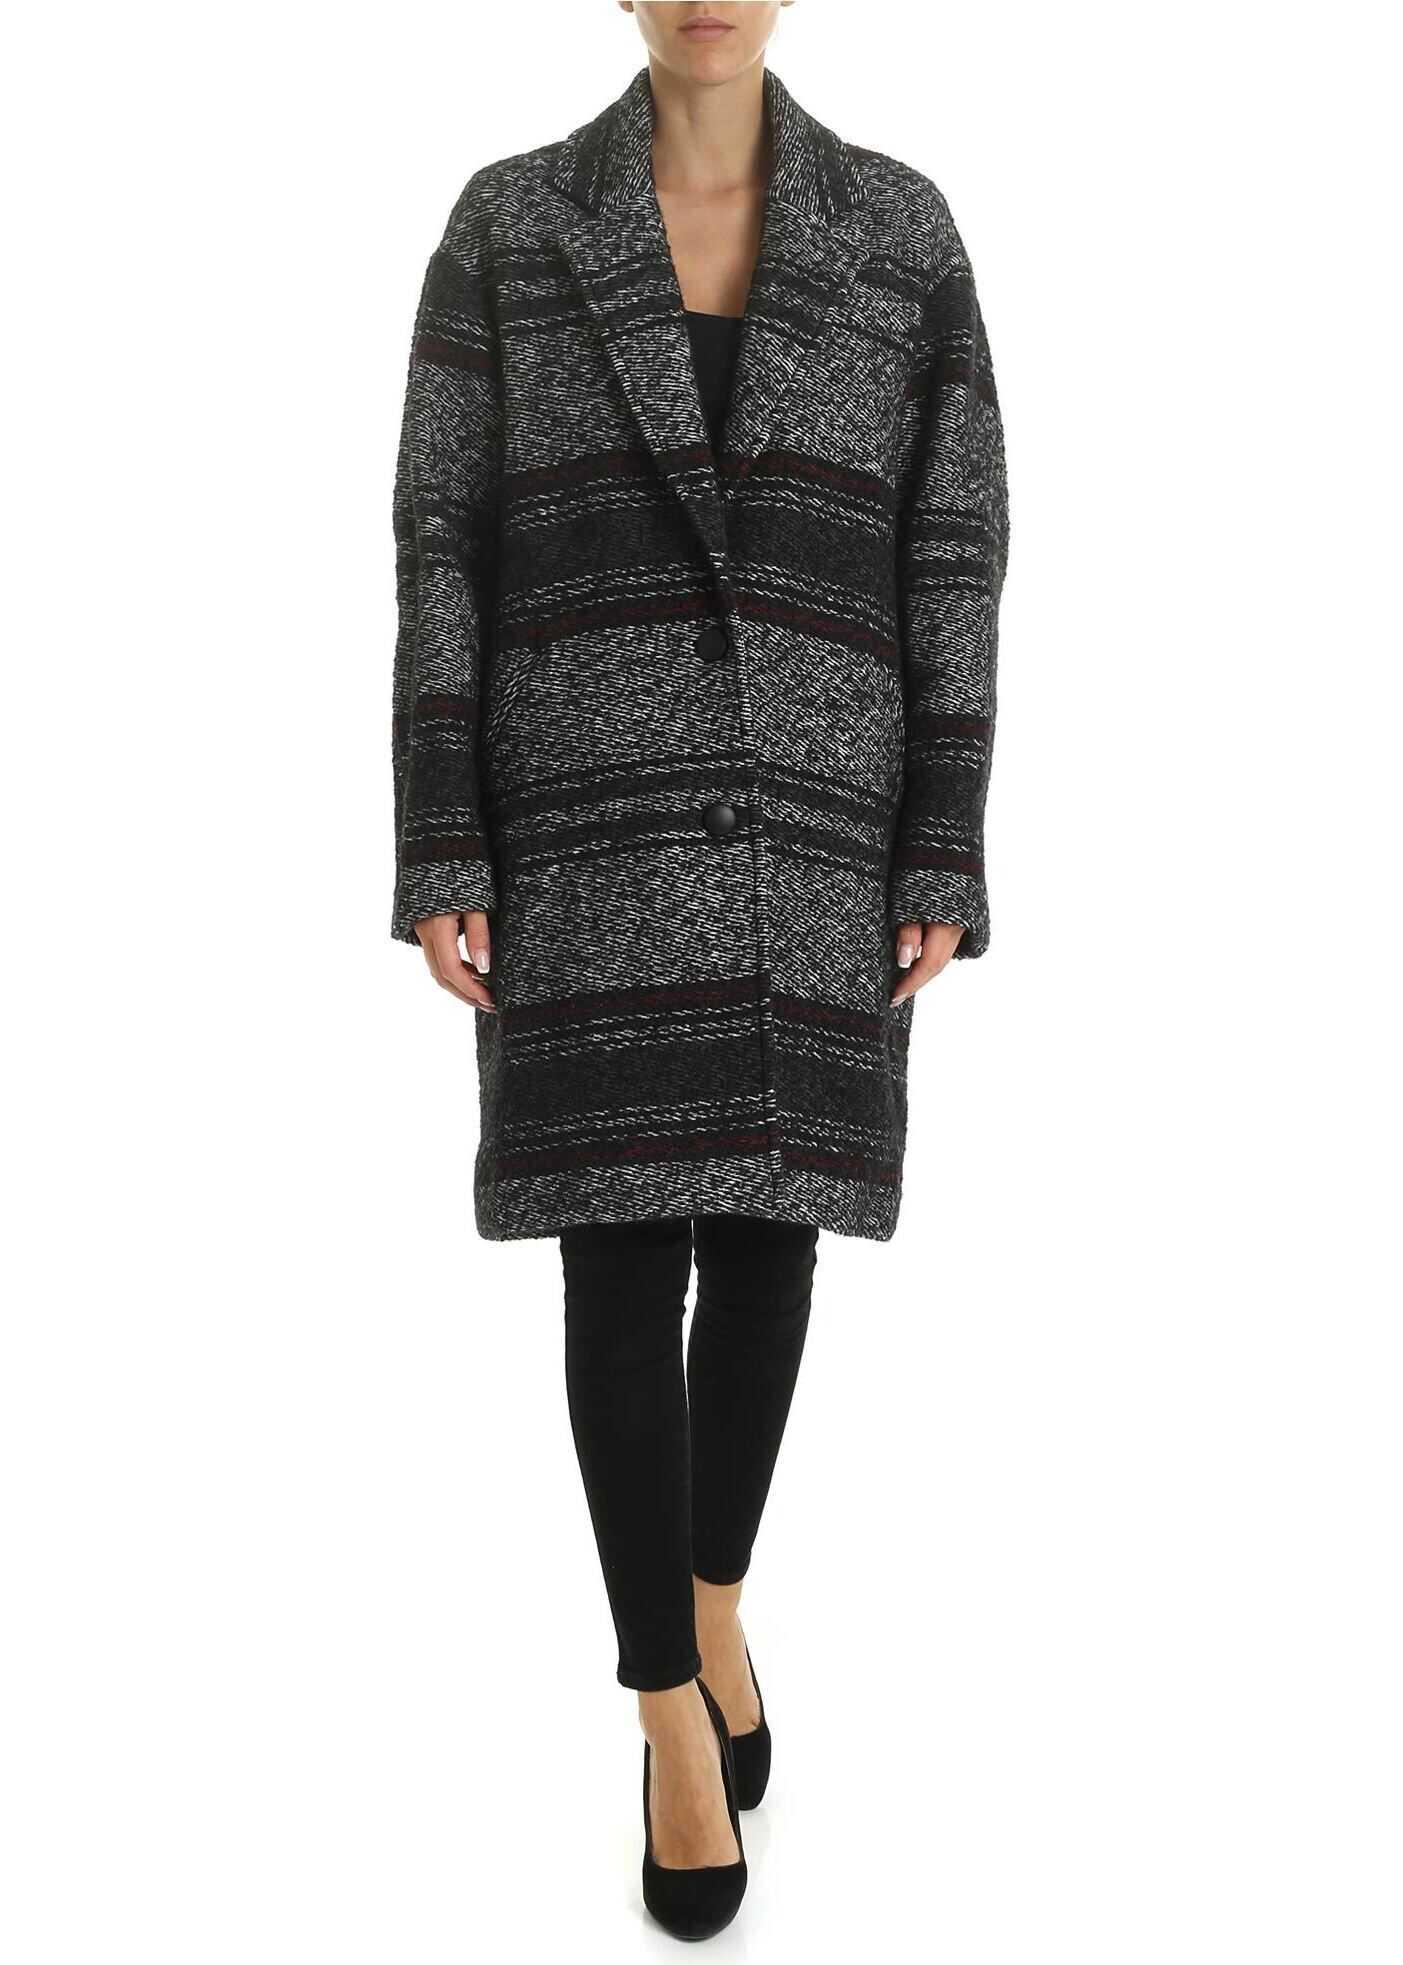 Dante Coat In Black Harringbone With Stripes